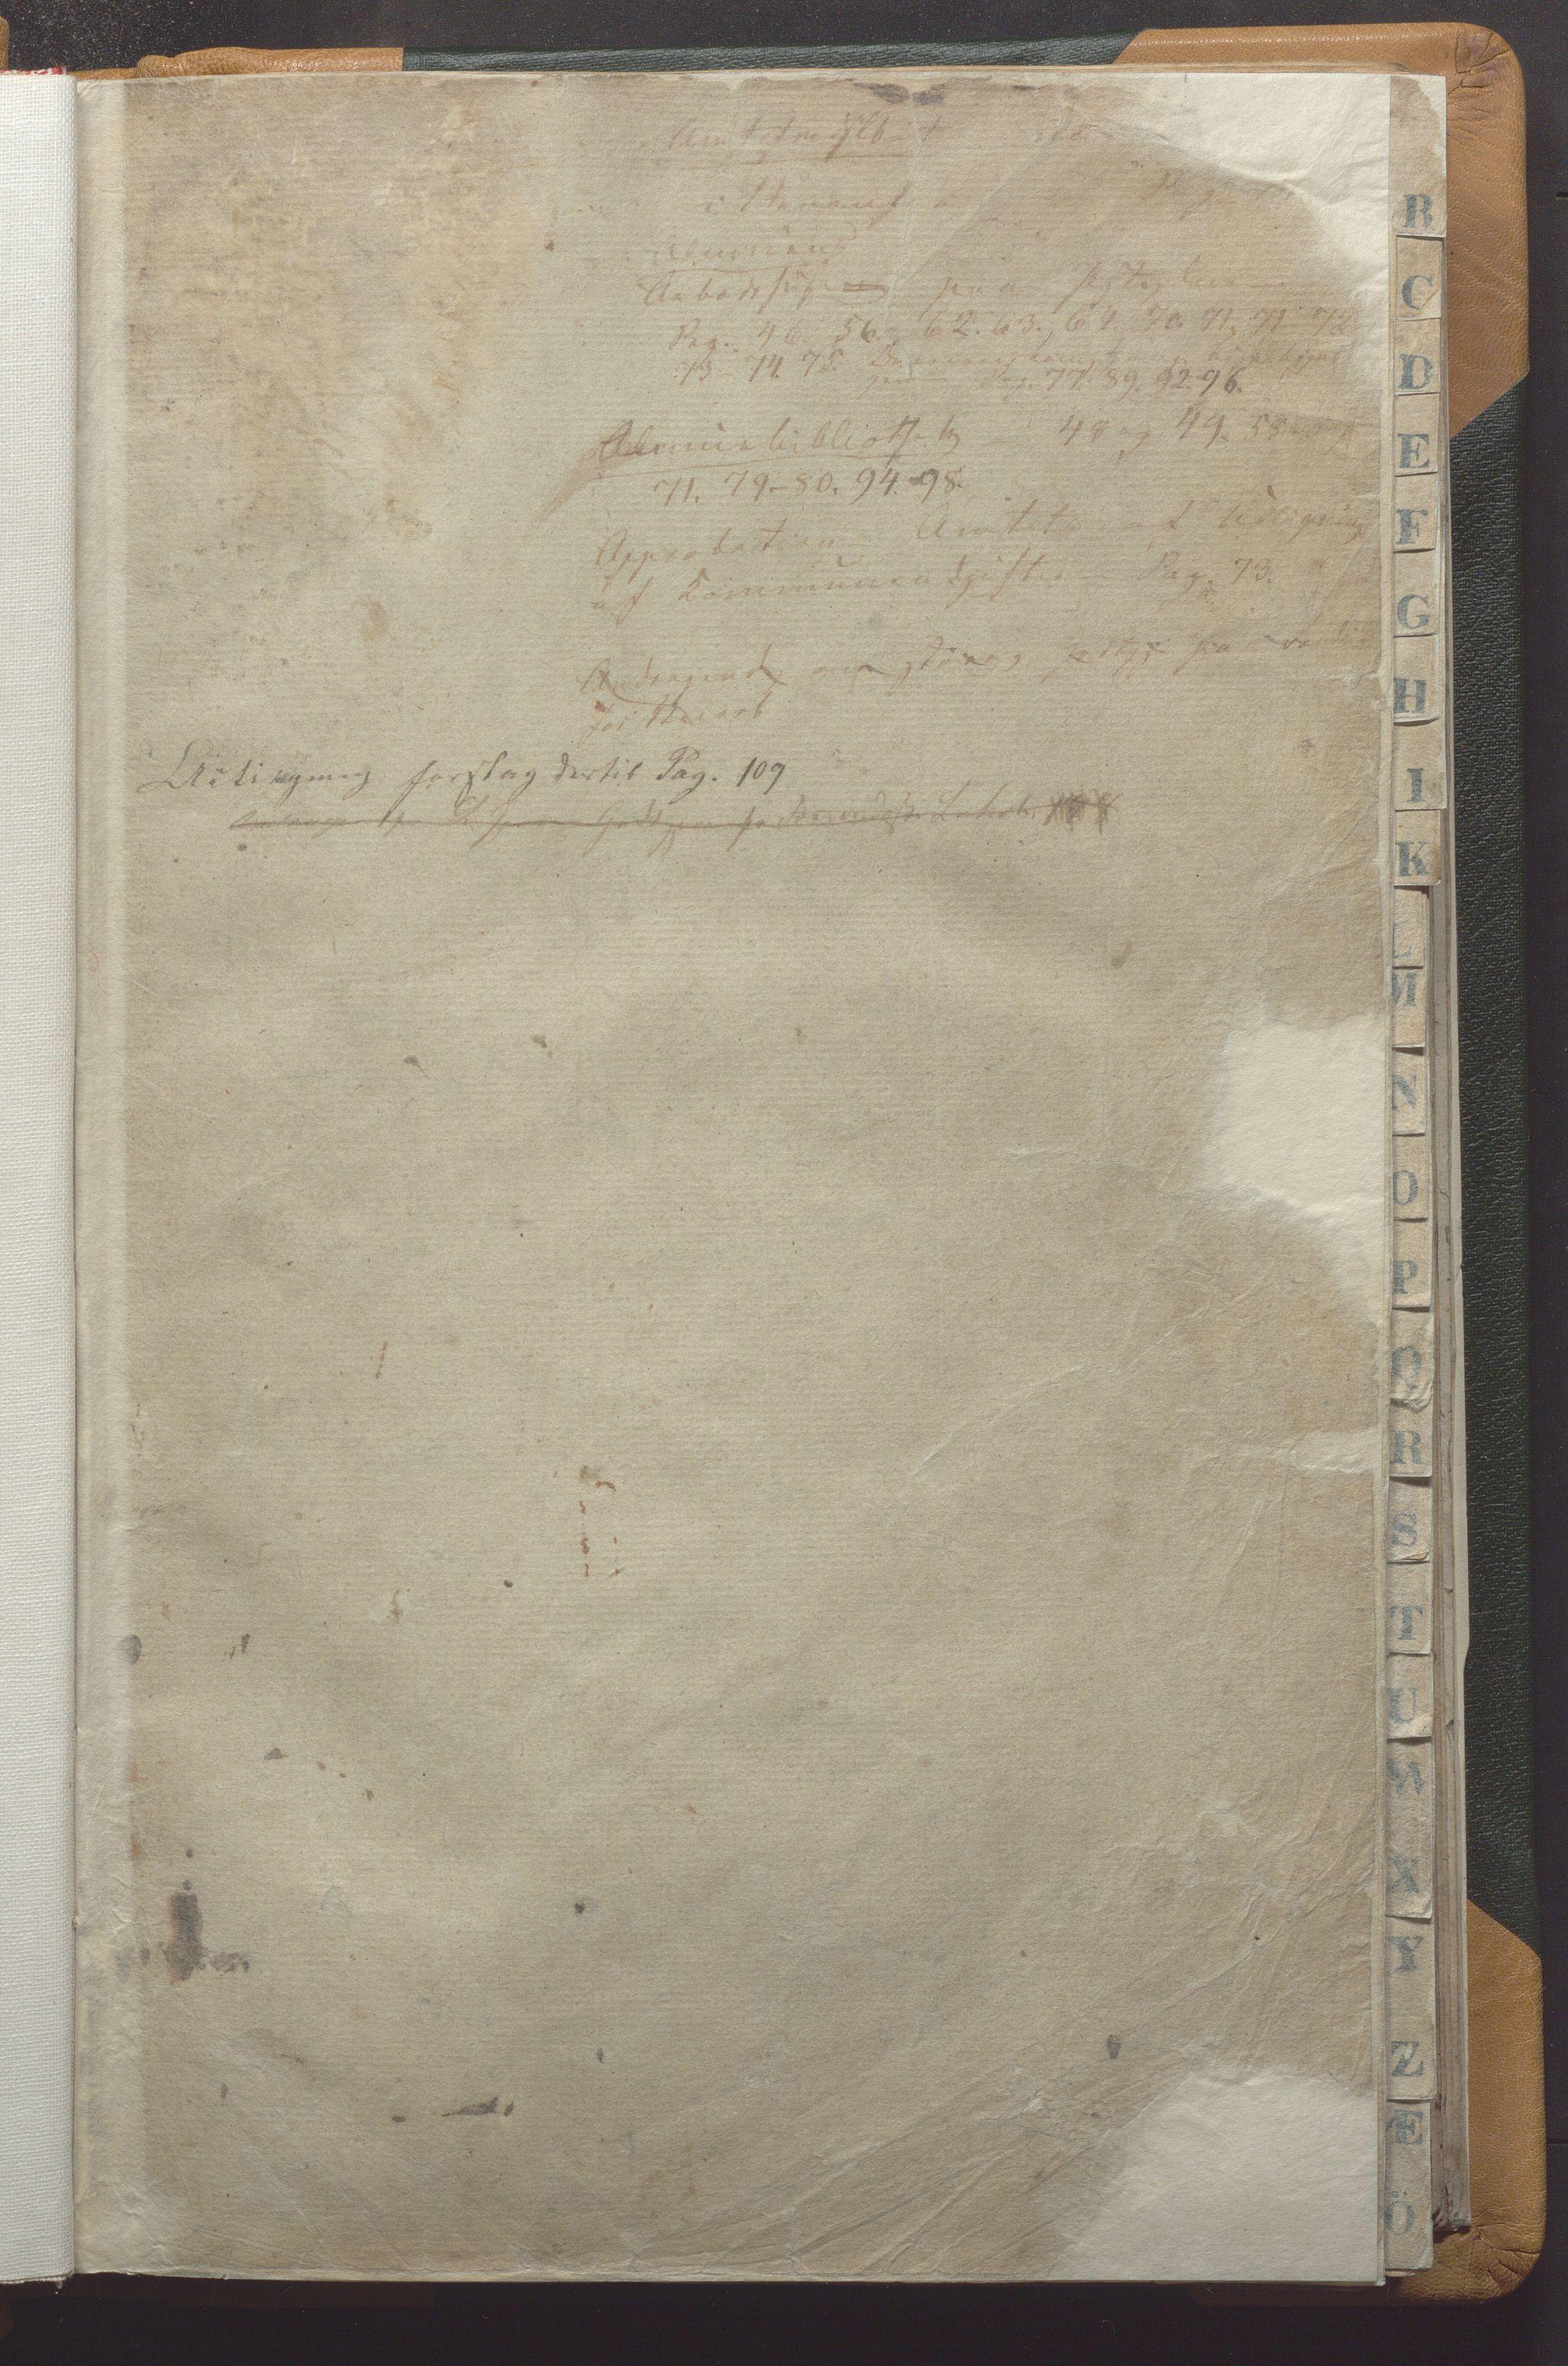 IKAR, Vikedal kommune - Formannskapet, Aaa/L0001: Møtebok, 1837-1874, p. 1